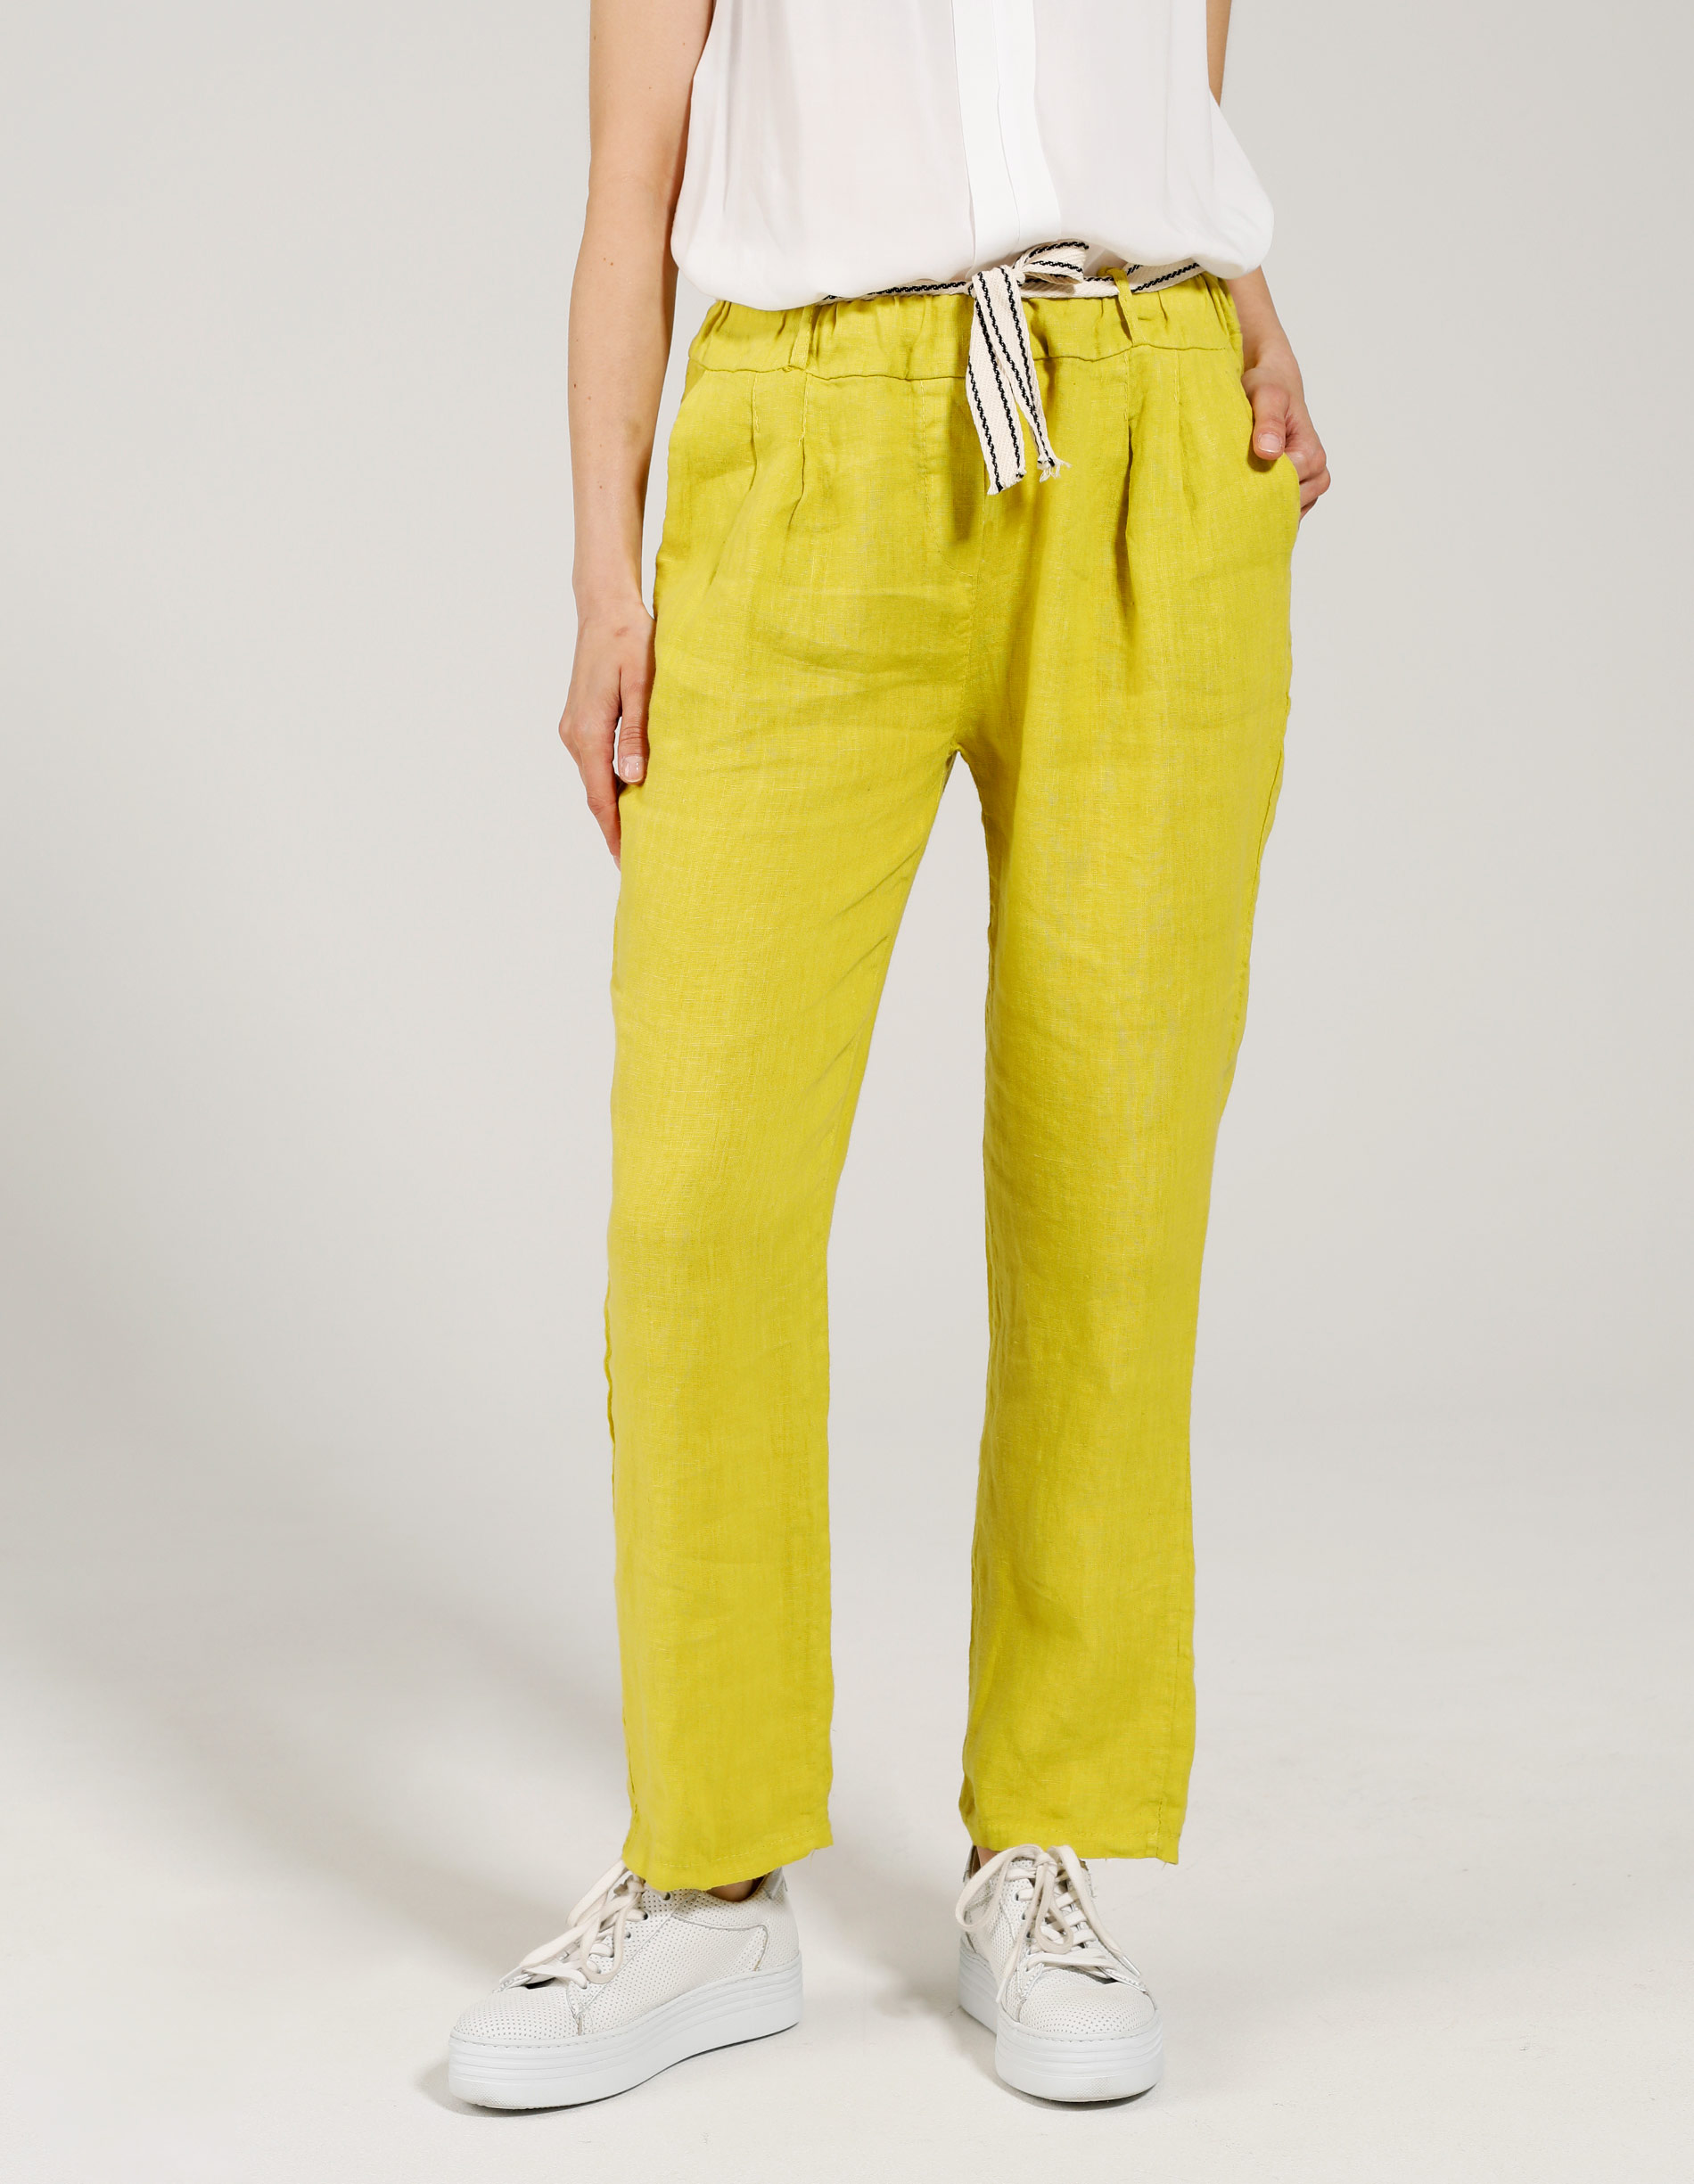 Spodnie - 54-5270 ANICE - Unisono